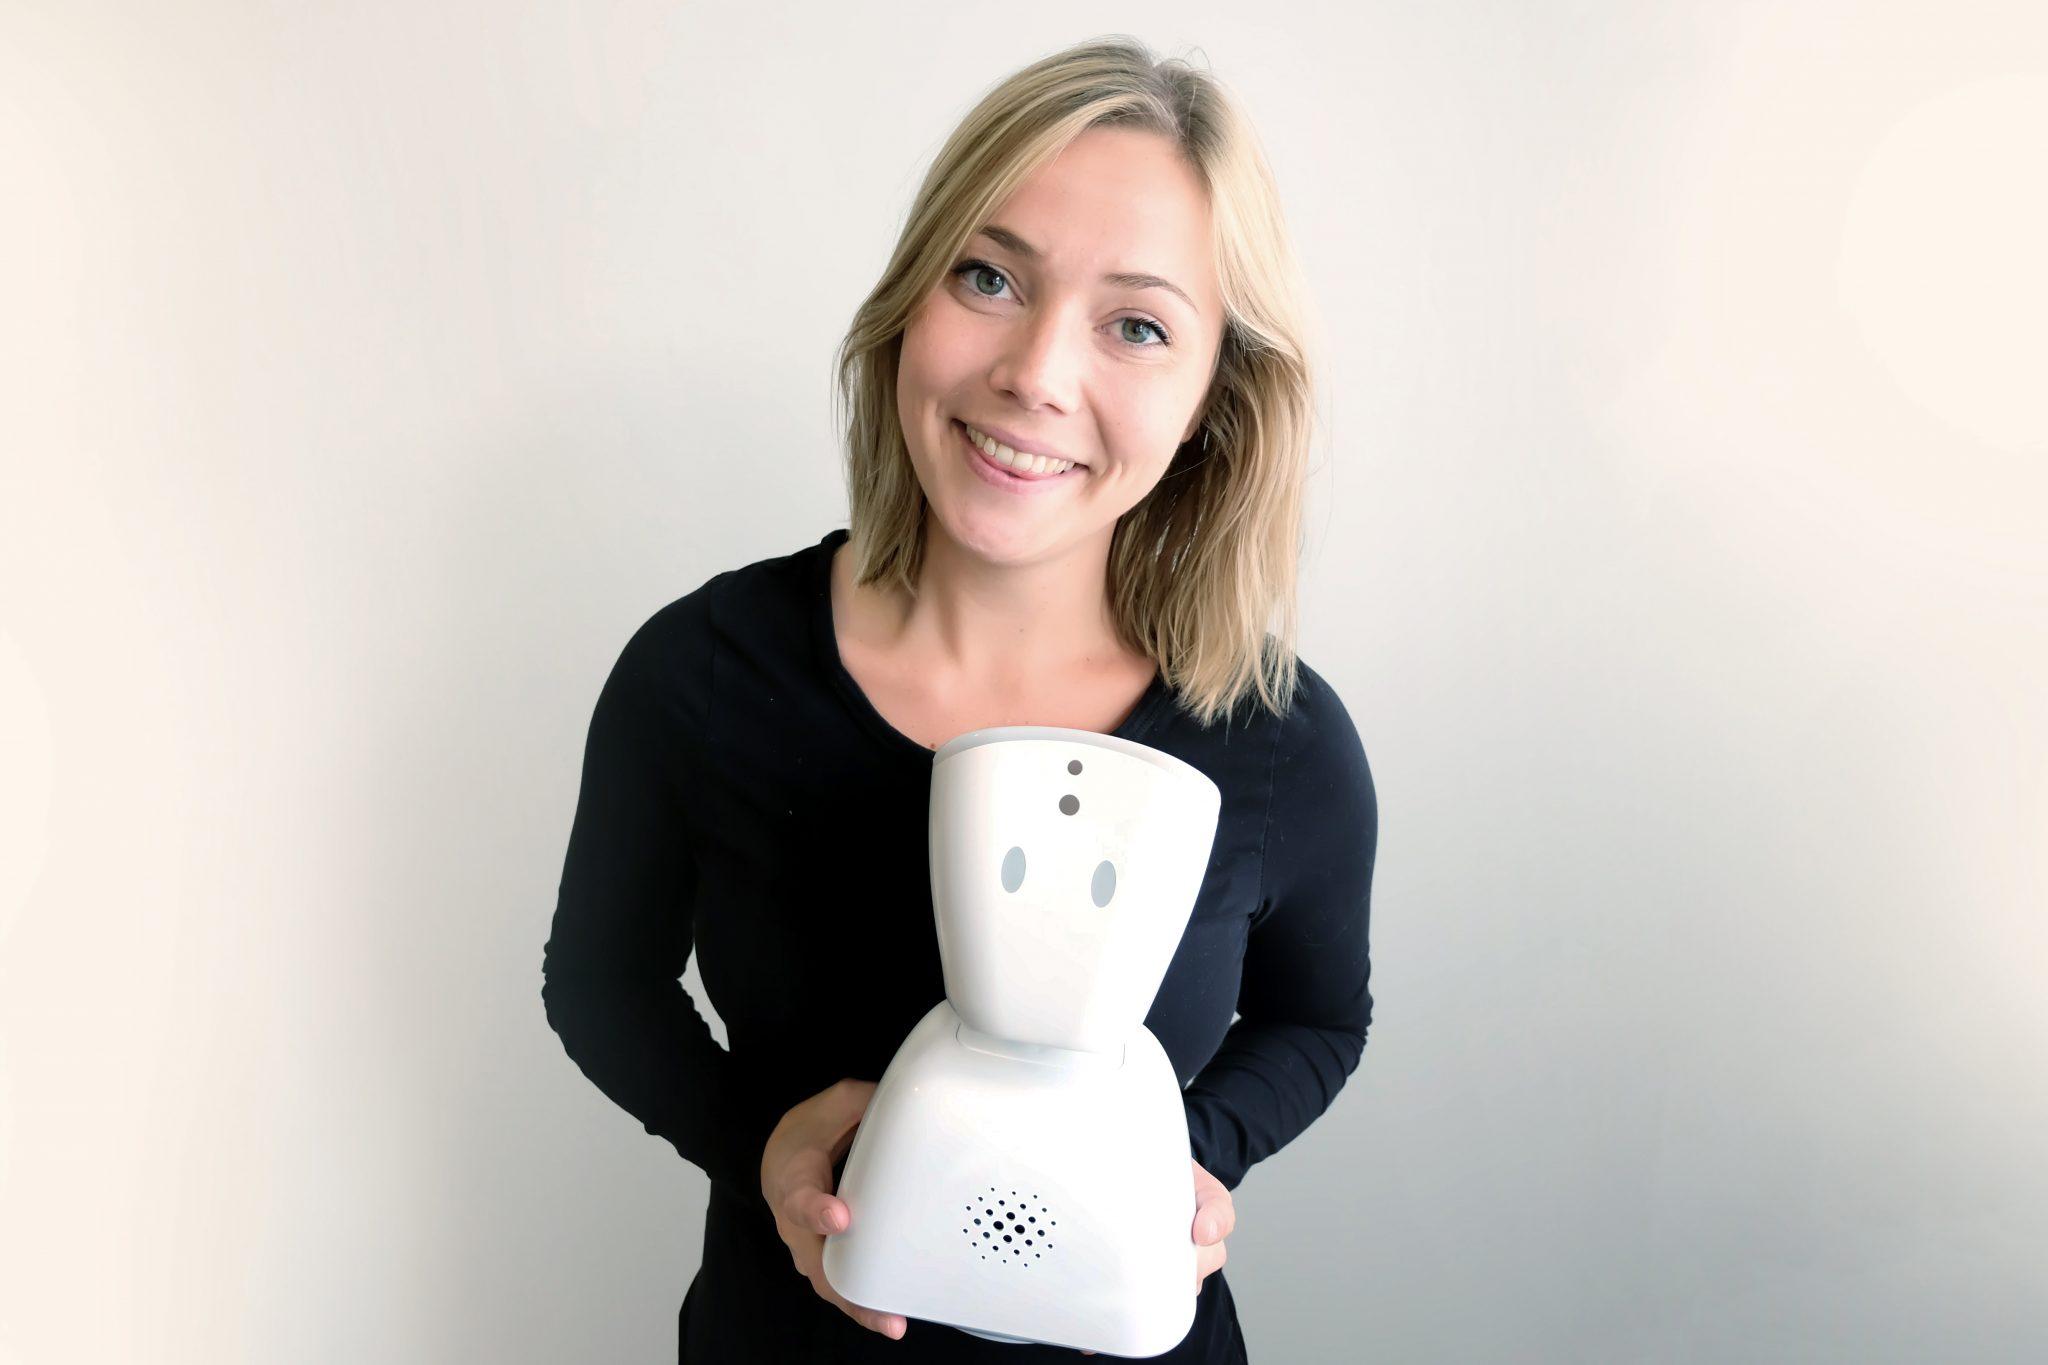 Karen Dolva with No Isolation's AV1 robot.